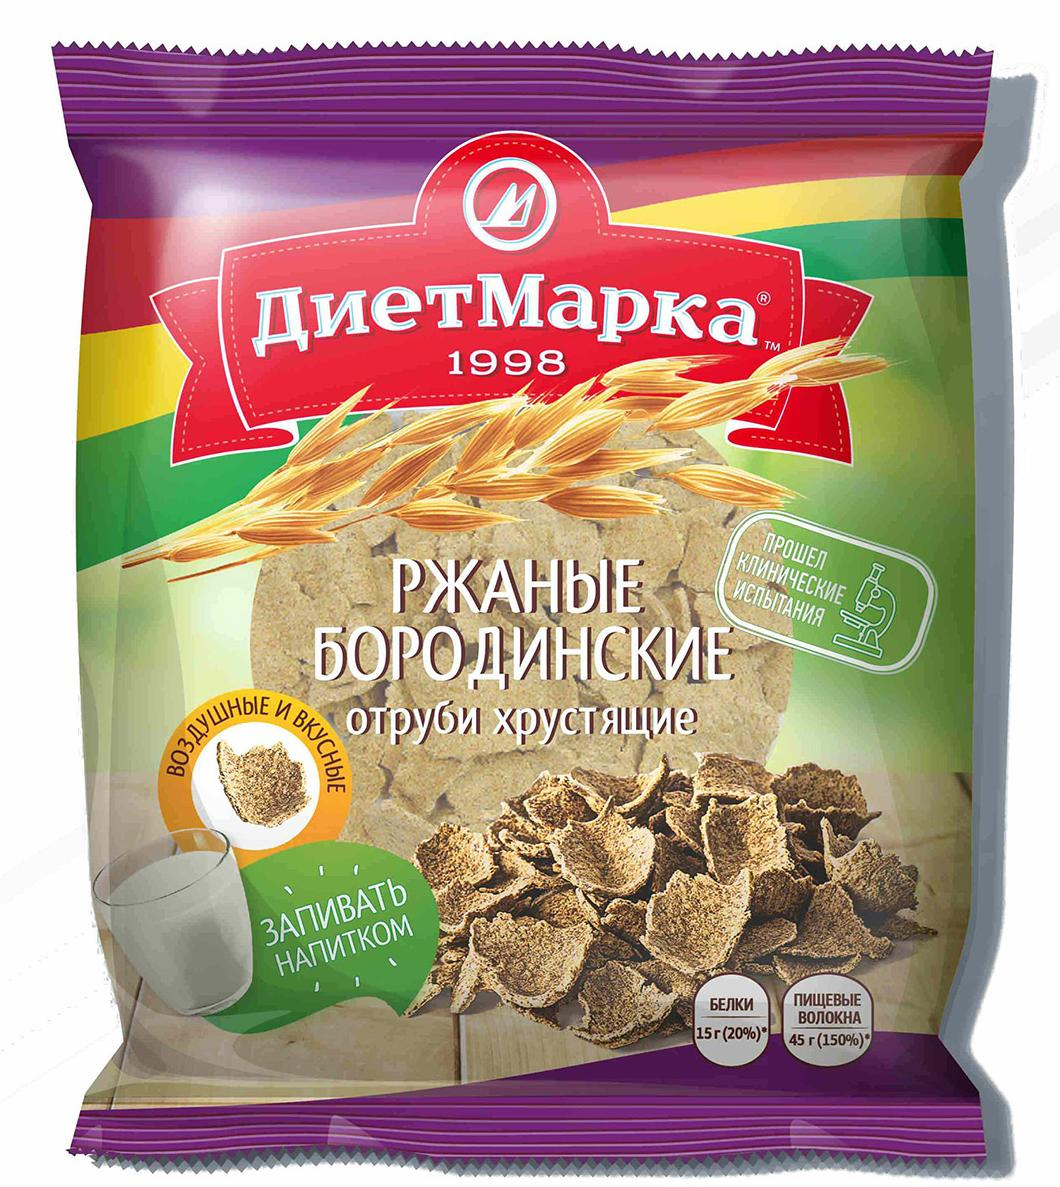 Отруби хрустящие ржаные  БОРОДИНСКИЕ (хлопья), 100 гр, ДиетМарка